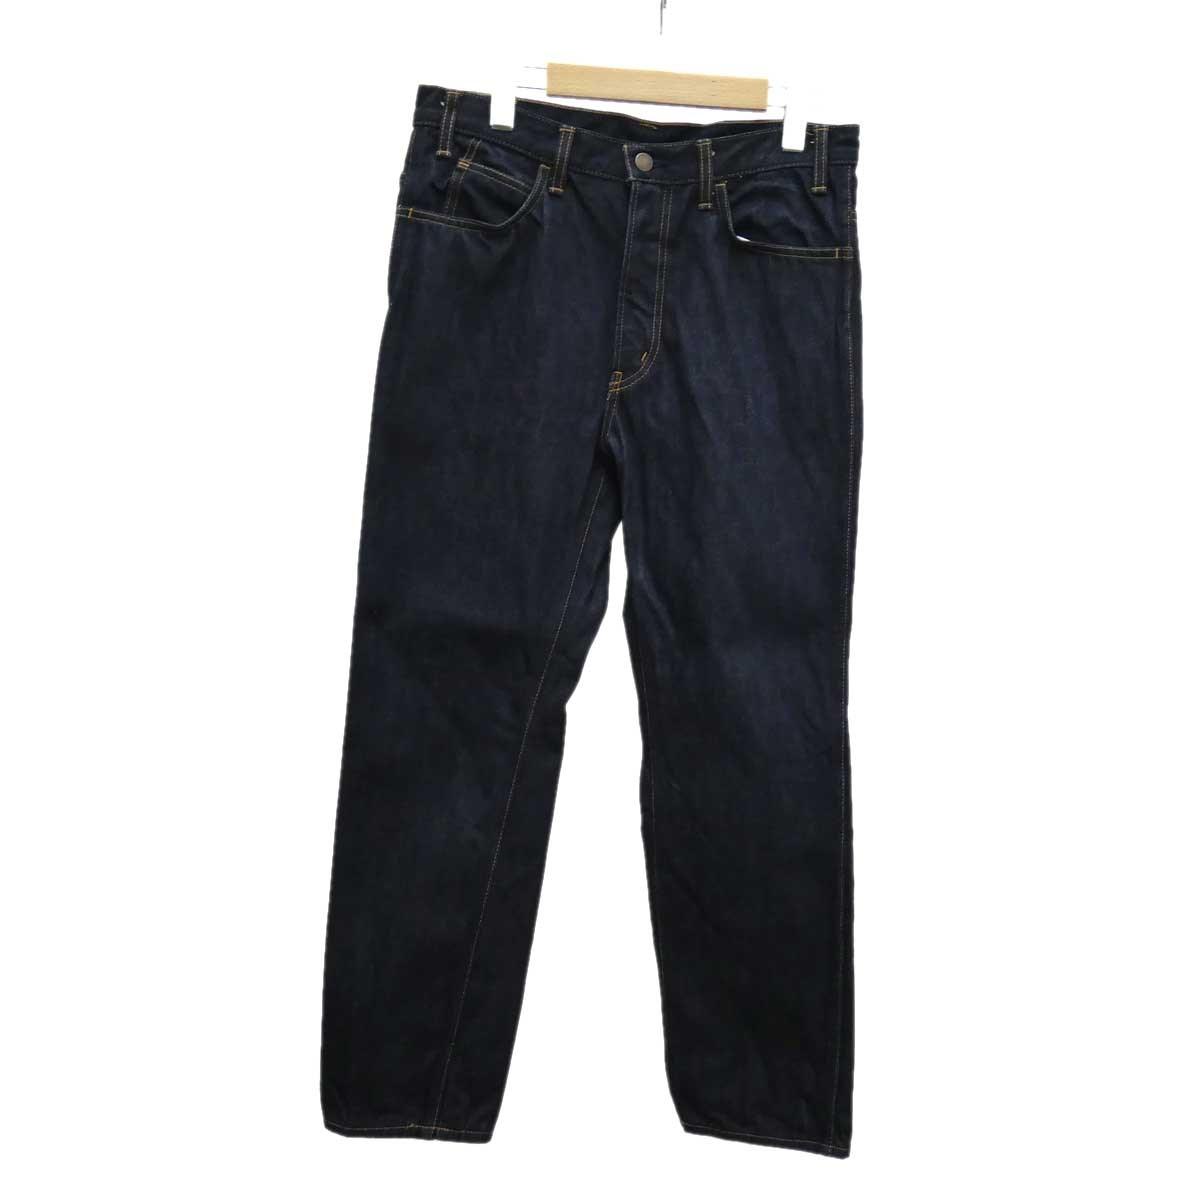 【中古】UNUSED 5ポケットデニムパンツ インディゴ サイズ:2 【170120】(アンユーズド)